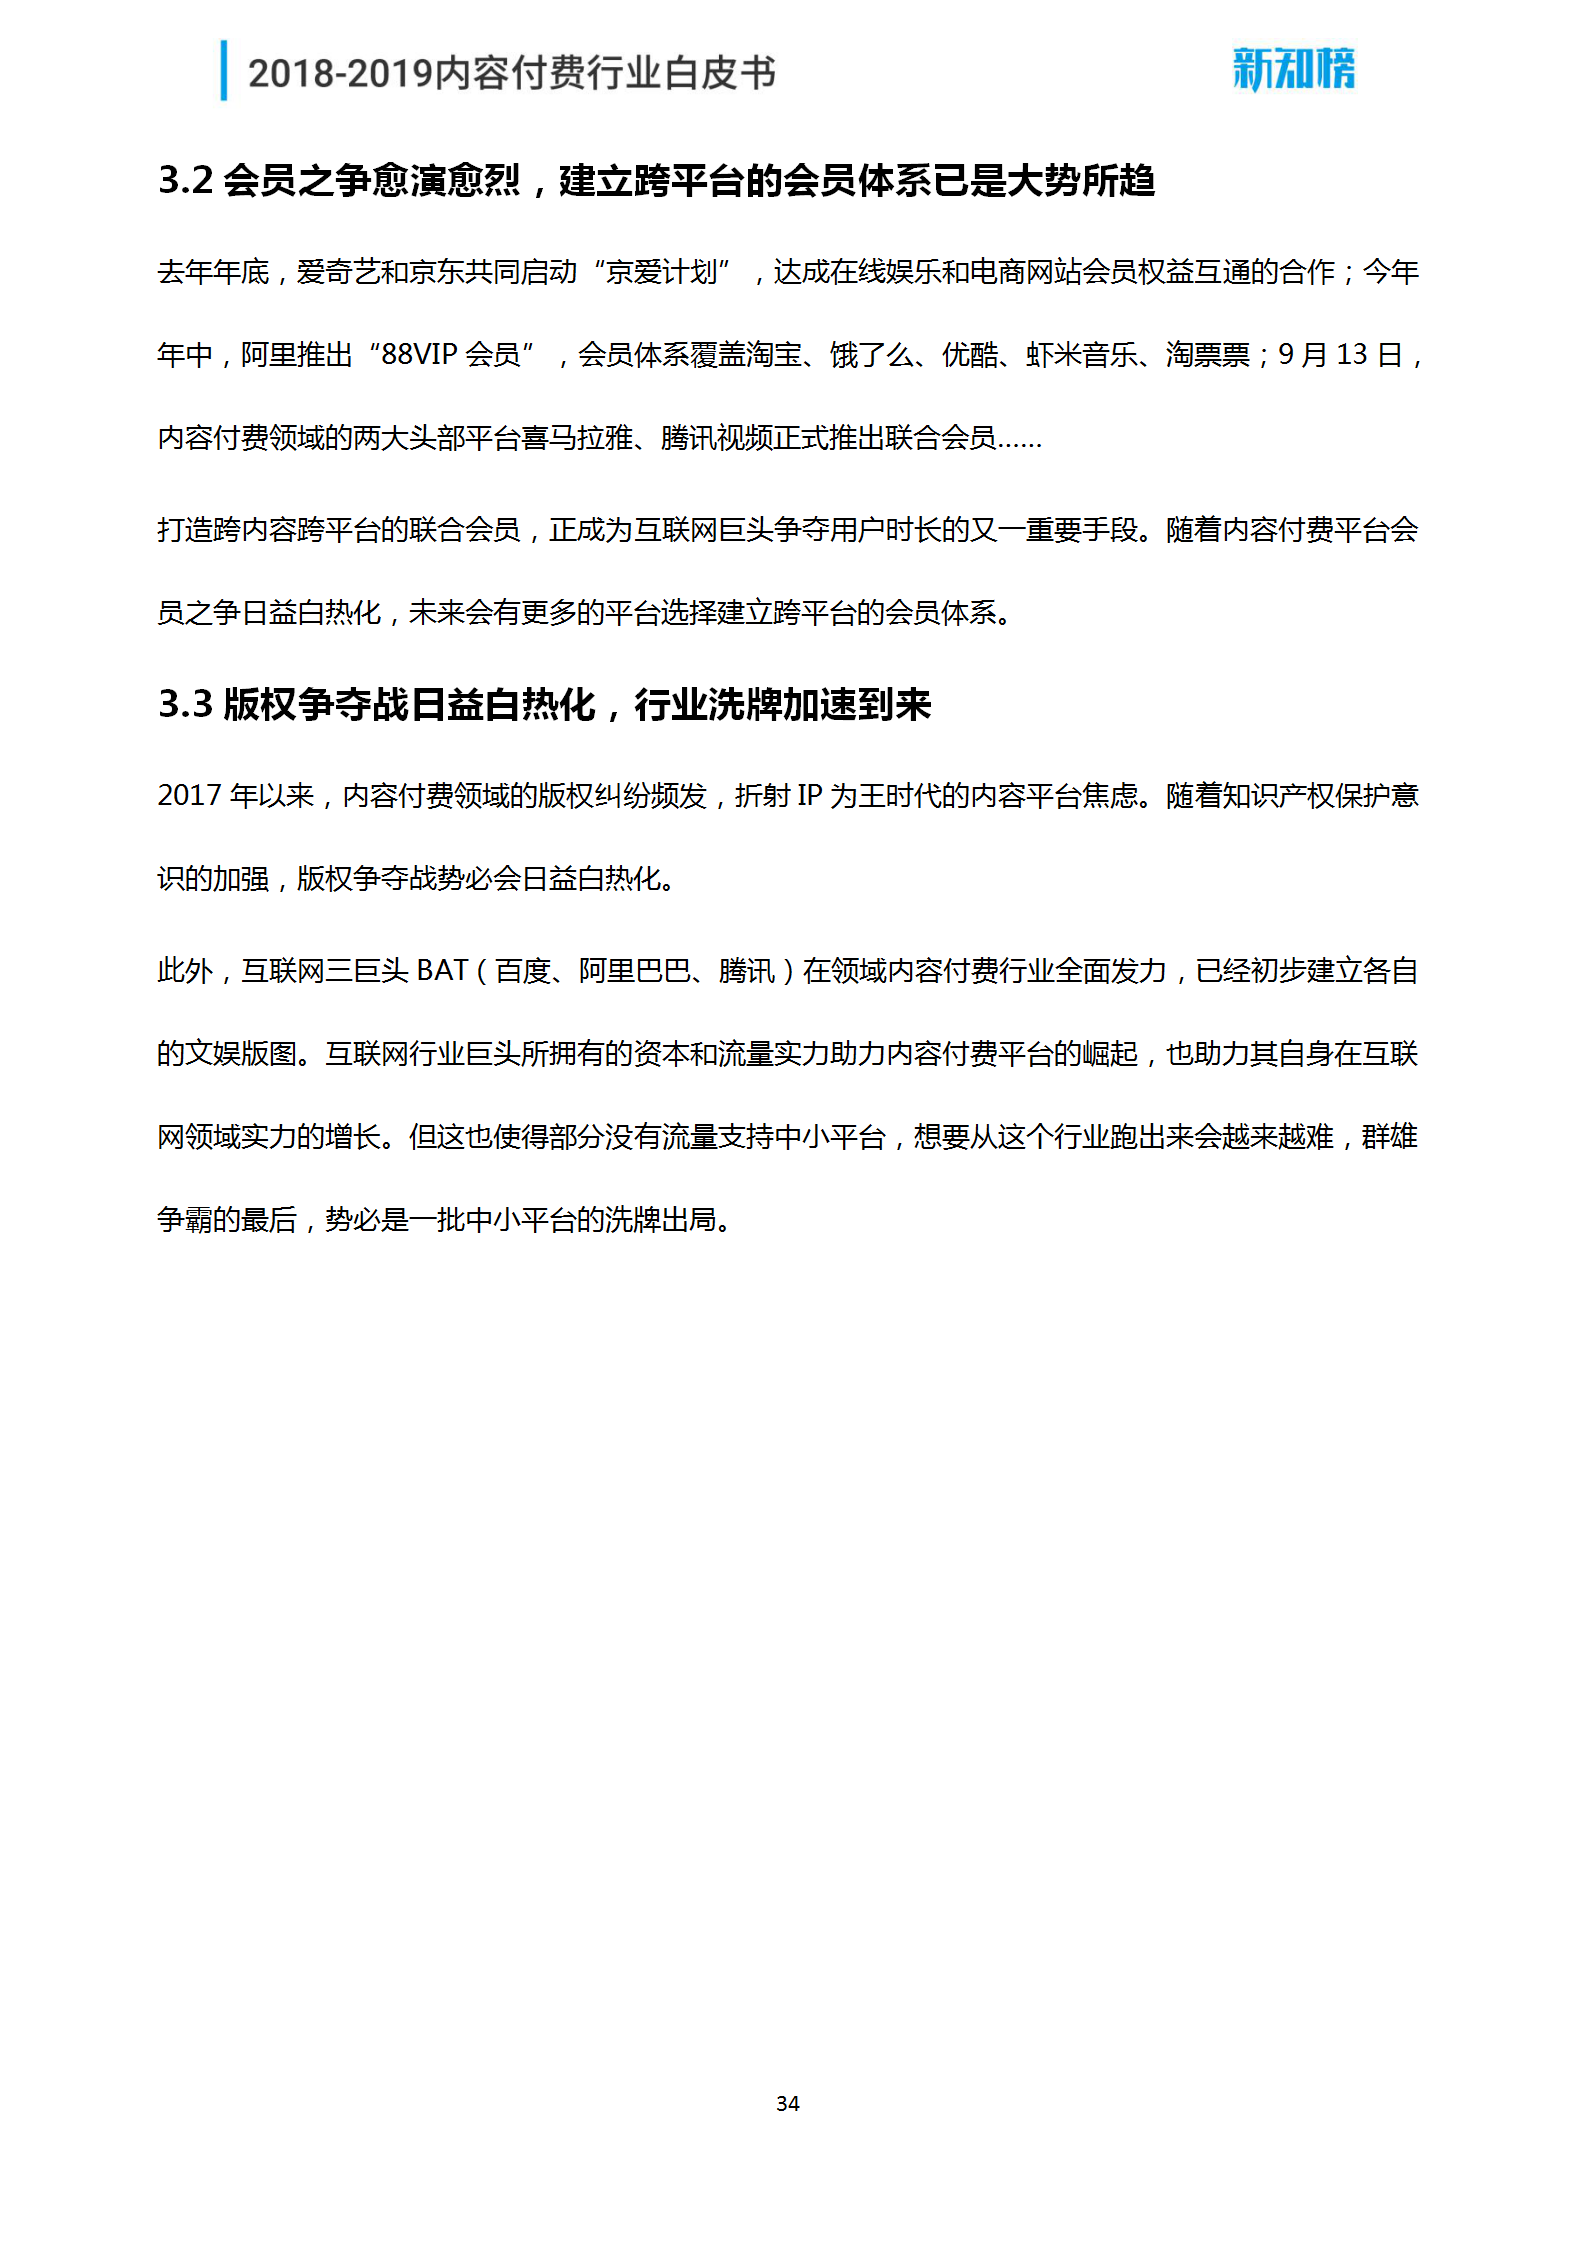 新知榜2018-2019内容付费行业白皮书_34.png